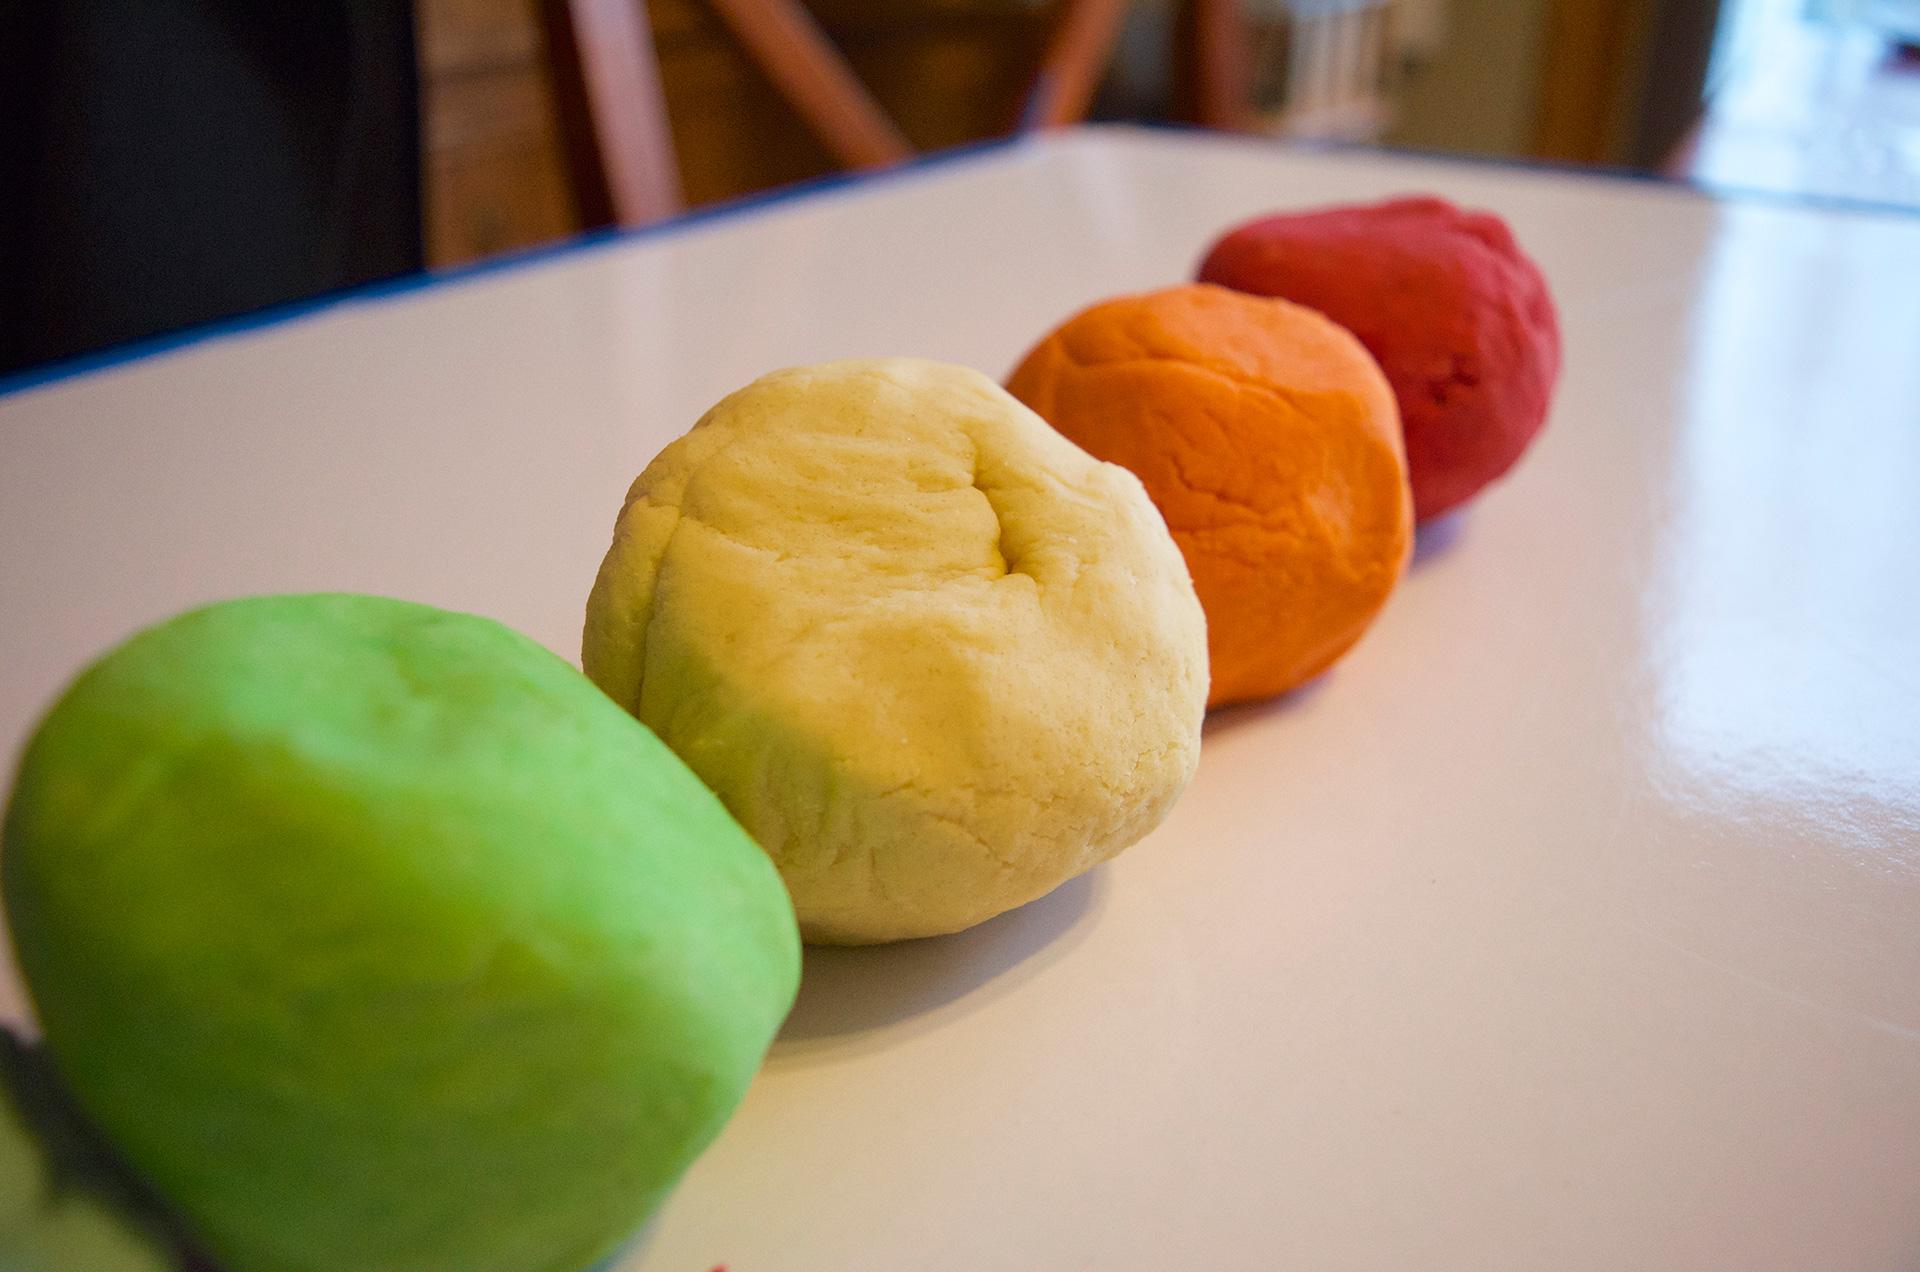 Famoso Pasta modellabile fai da te per bambini - Autoproduciamo GA39